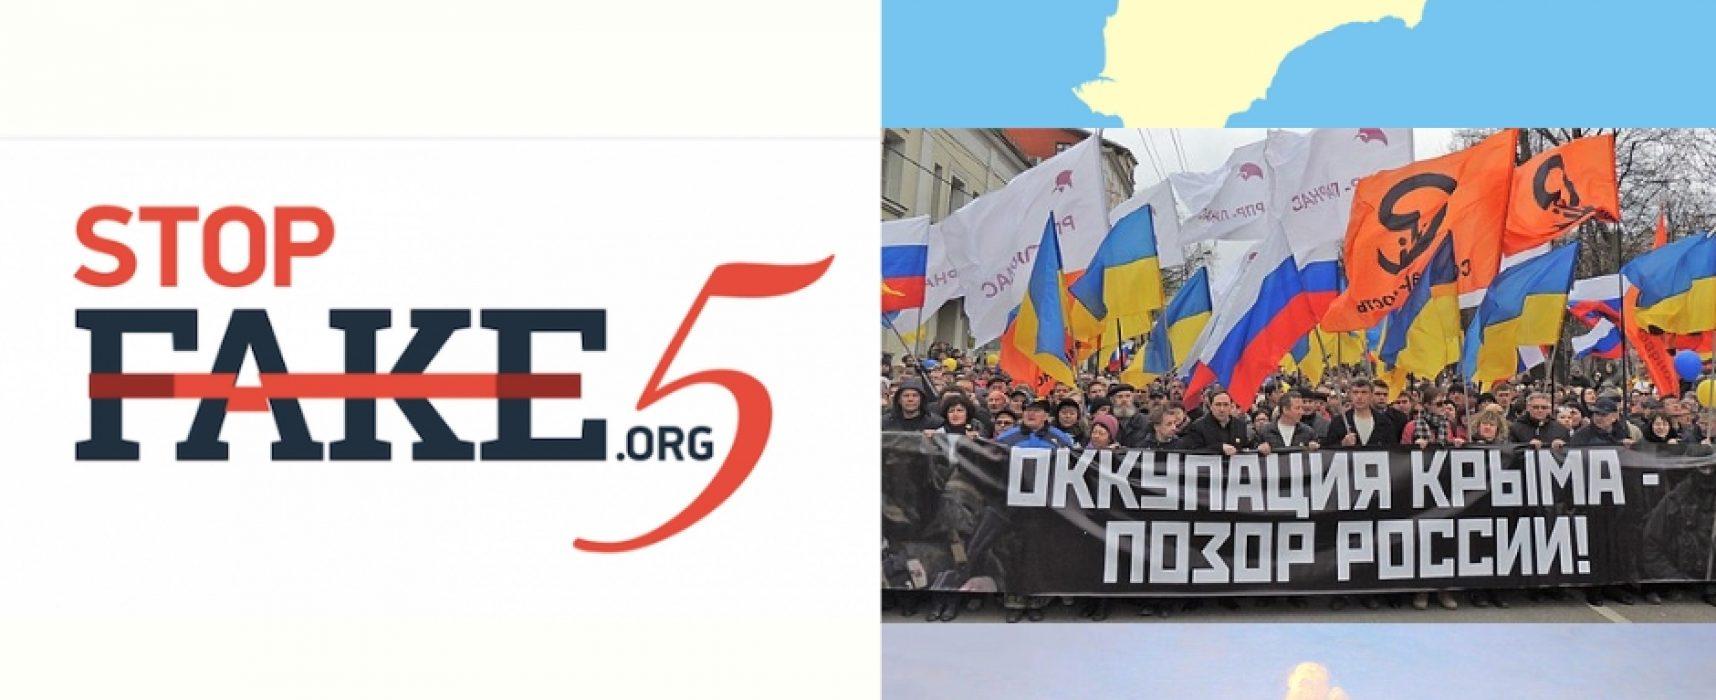 TOP-10 fakes de la desinformación pro-Kremlin sobre Crimea en los últimos 5 años